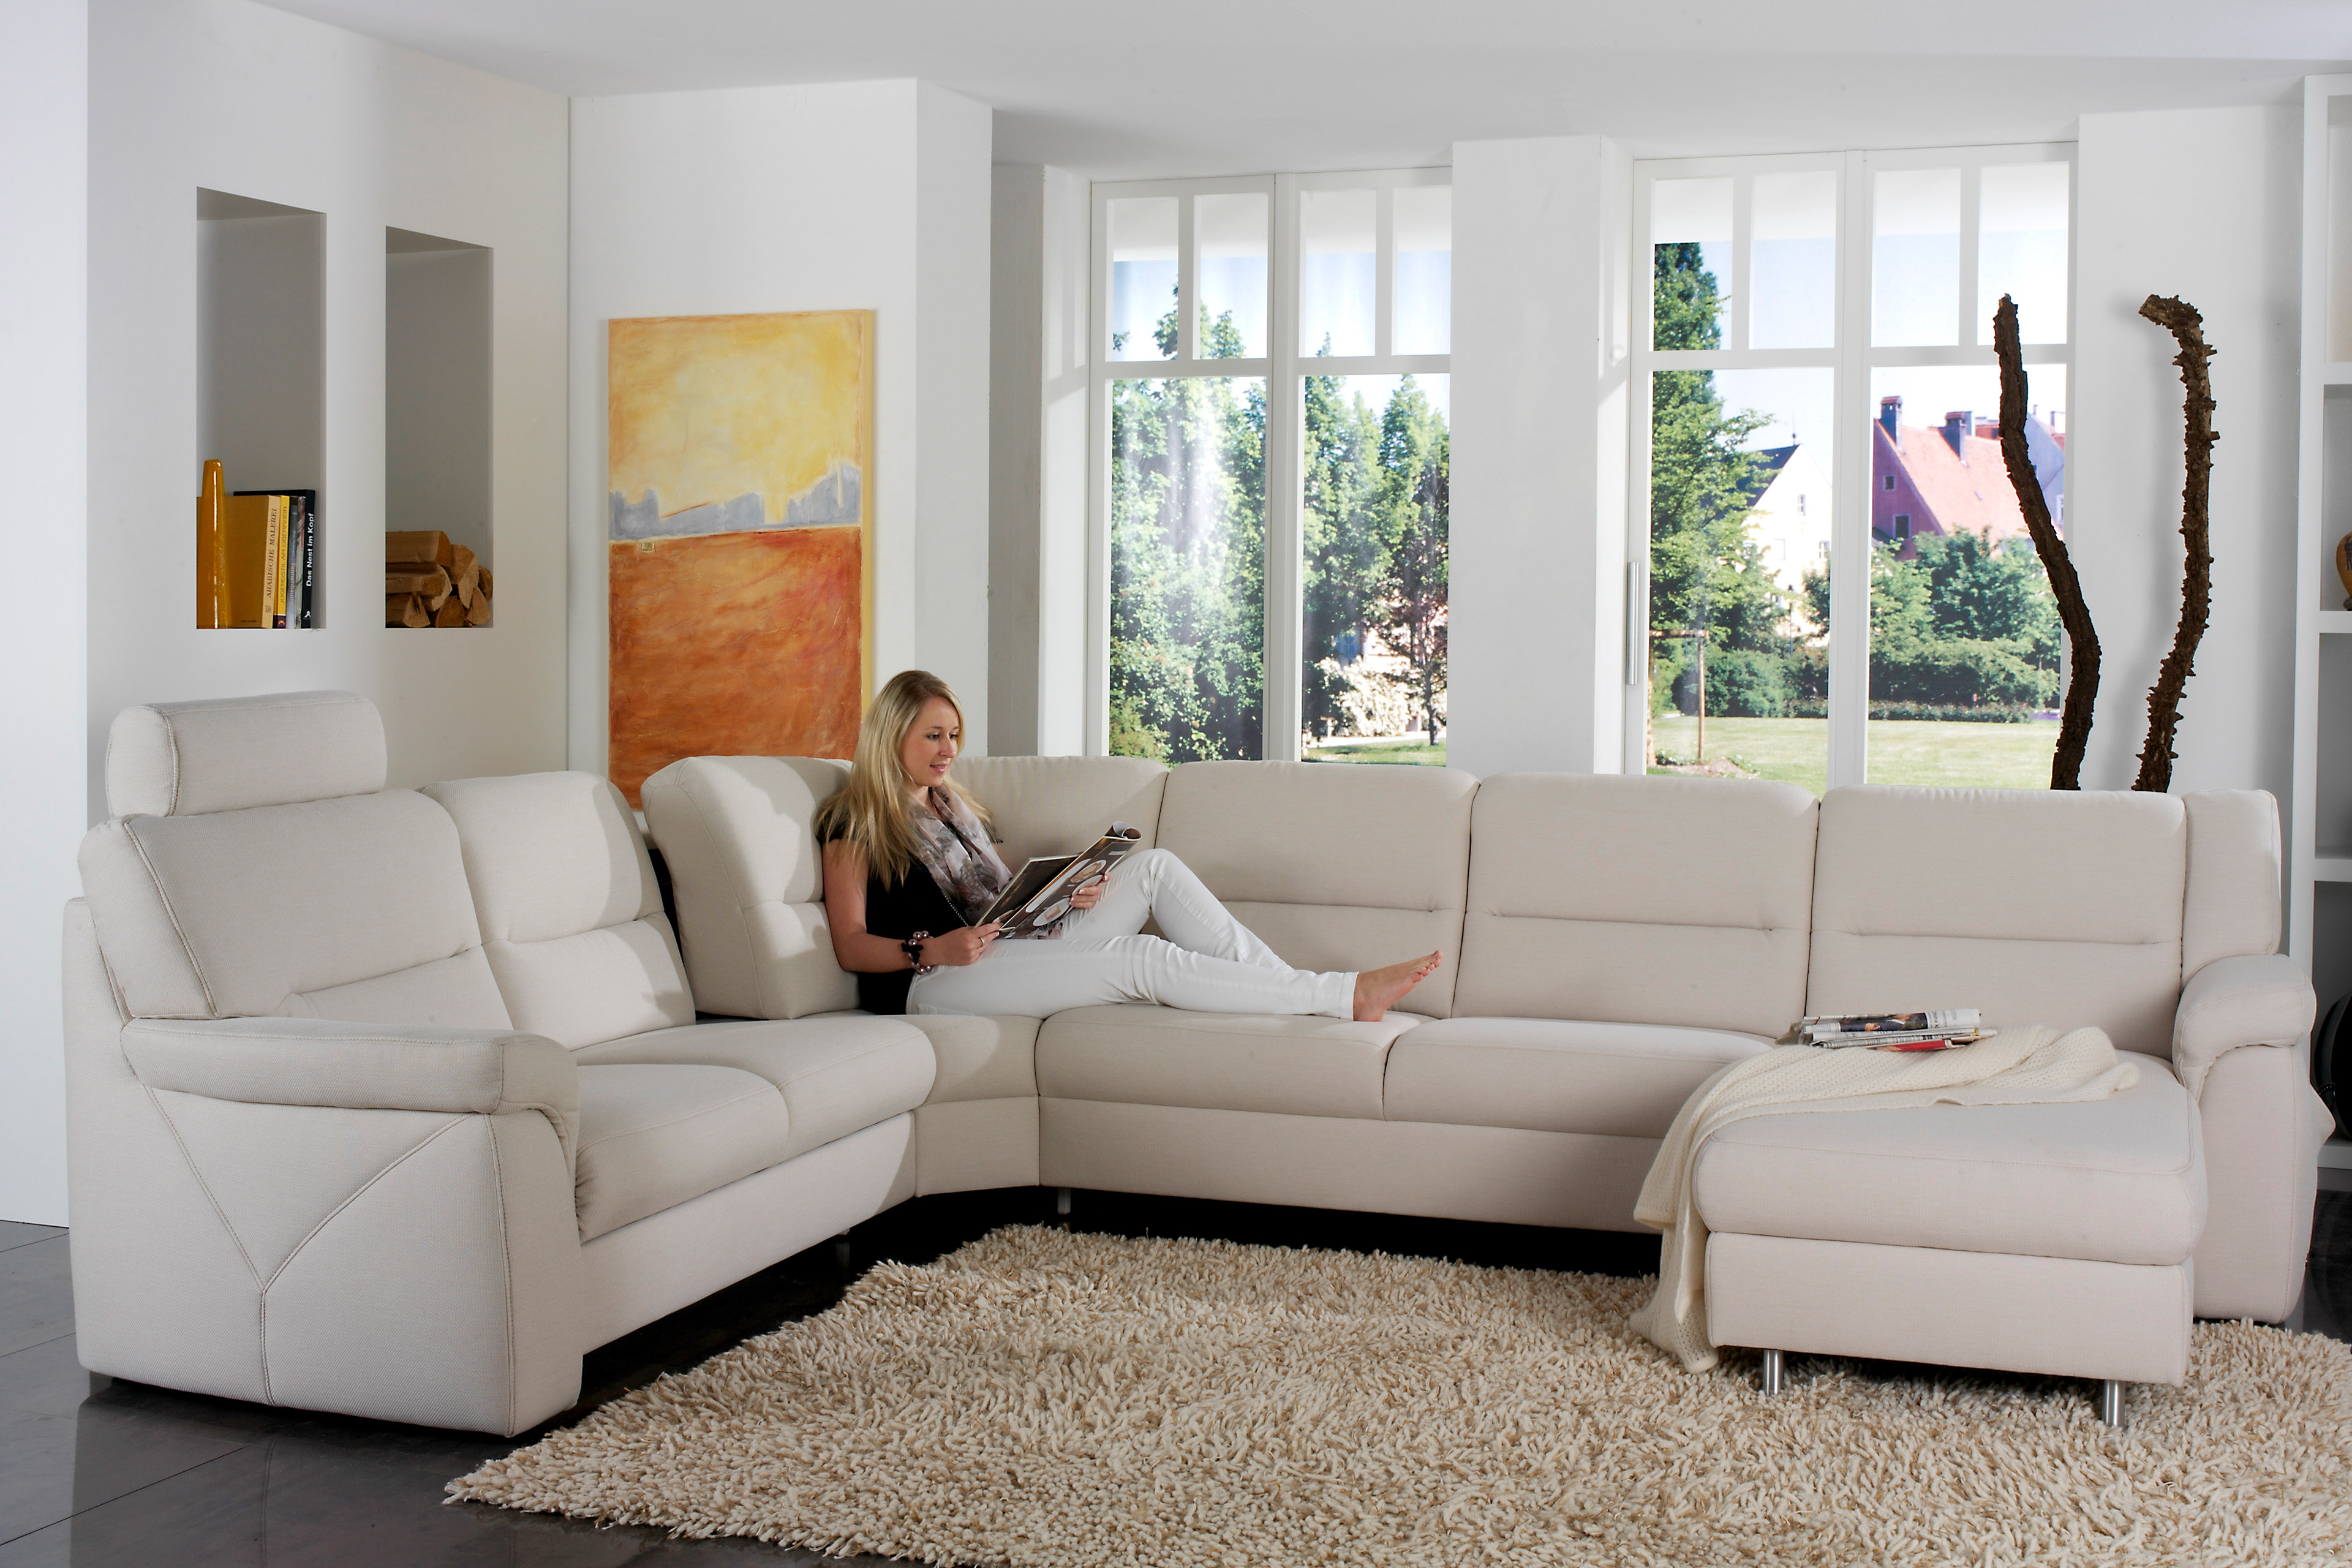 himolla polsterm bel wohnlandschaft 1101 hobey m bel letz ihr online shop. Black Bedroom Furniture Sets. Home Design Ideas